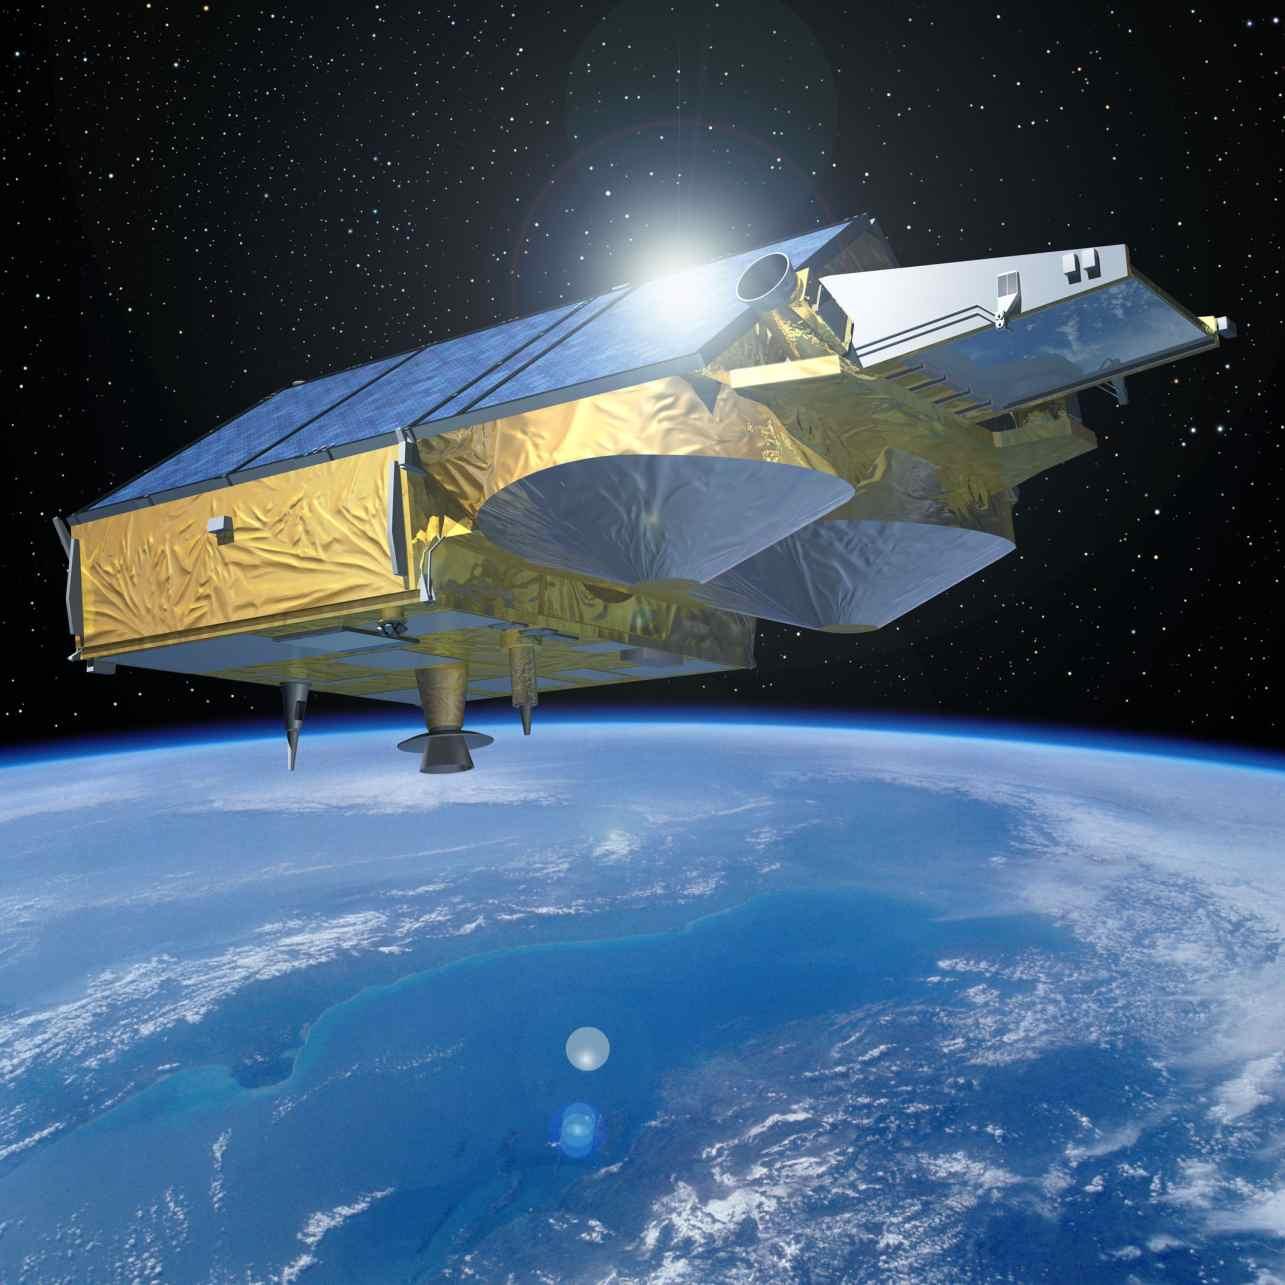 DORIS satellite: CRYOSAT-2